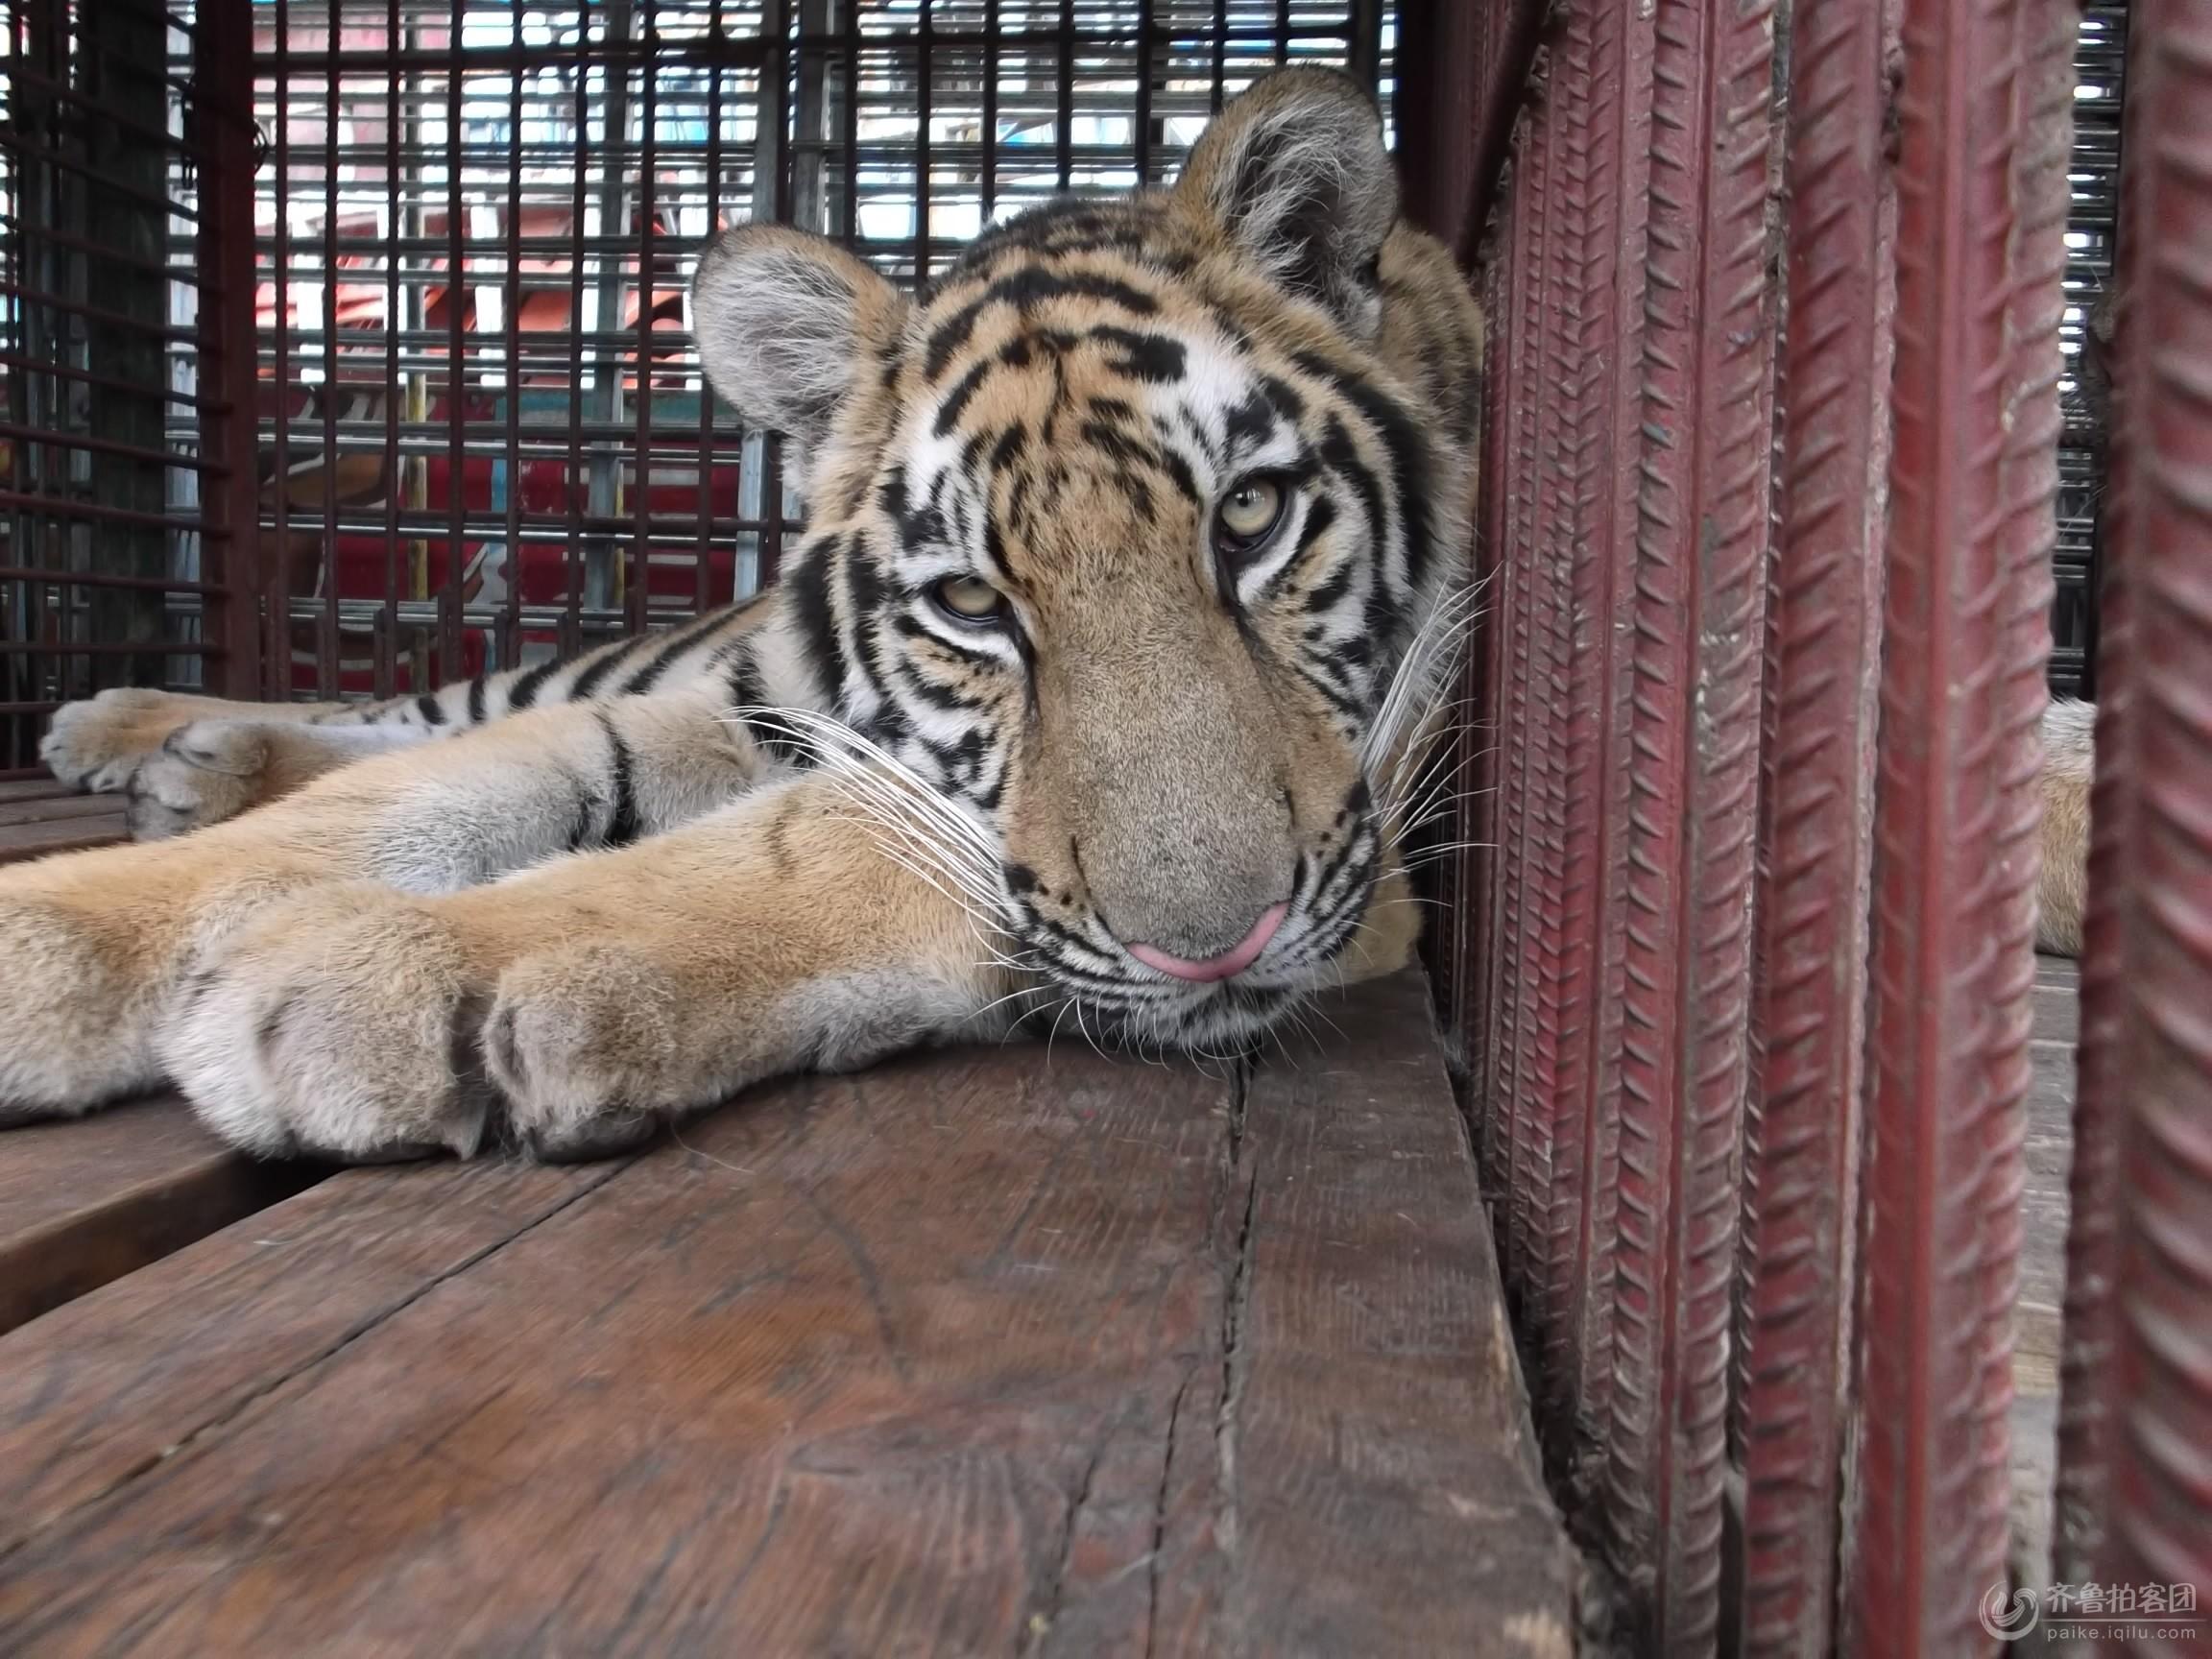 关在笼子里的老虎 - 潍坊拍客